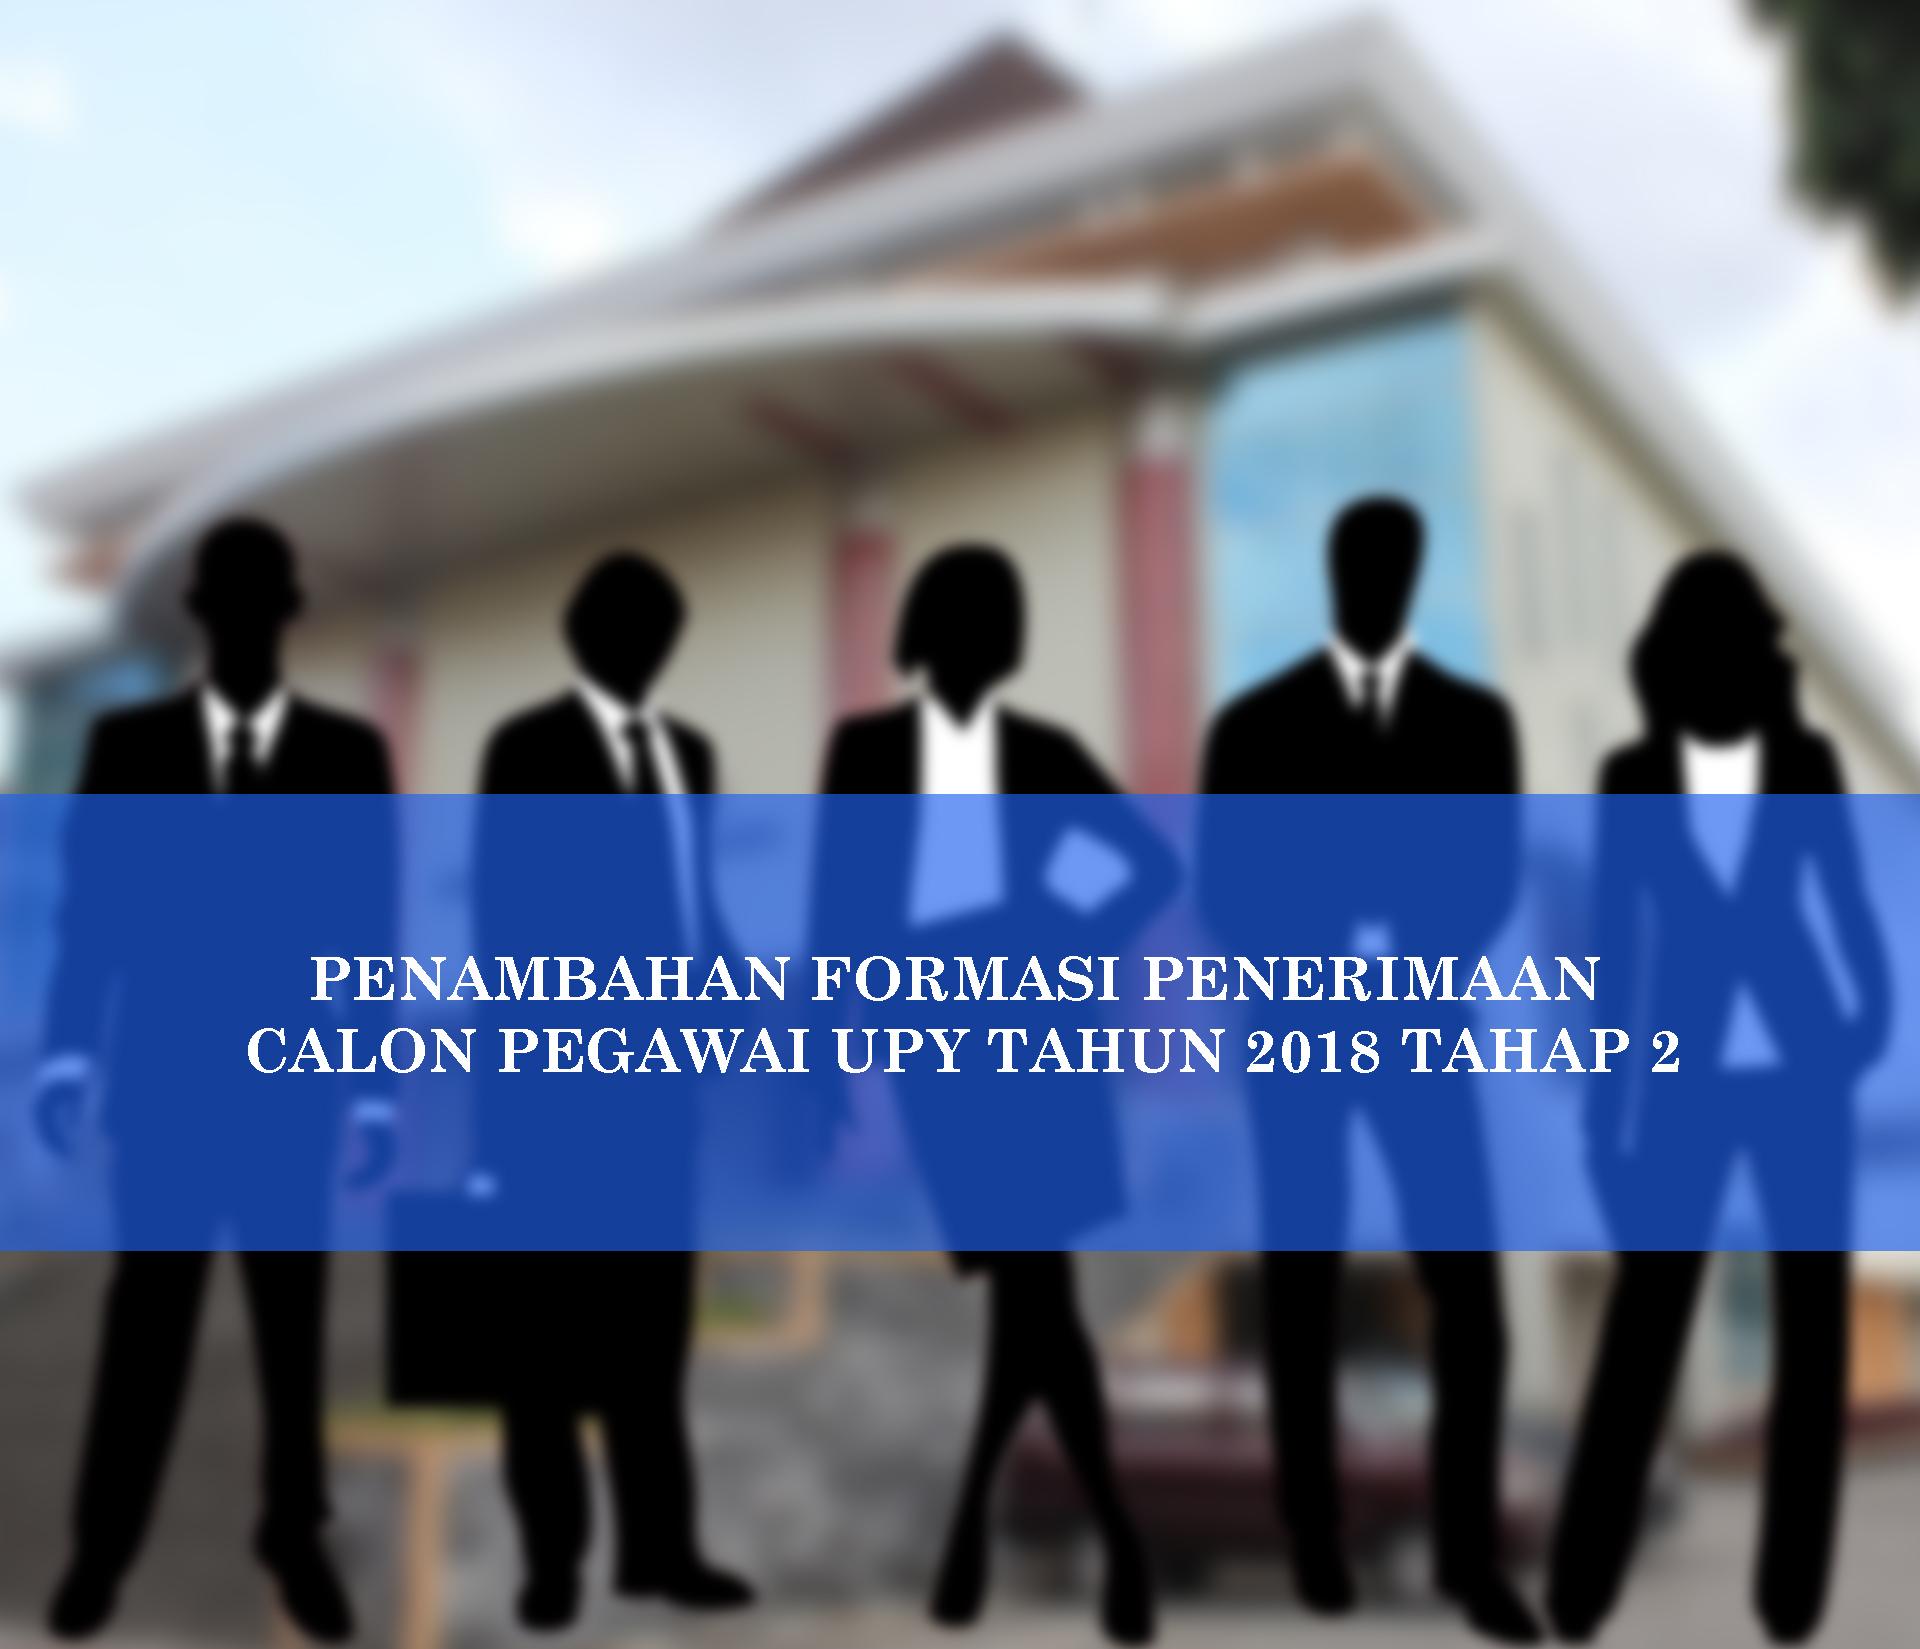 PENAMBAHAN FORMASI PENERIMAAN CALON PEGAWAI UPY TAHUN 2018 TAHAP 2